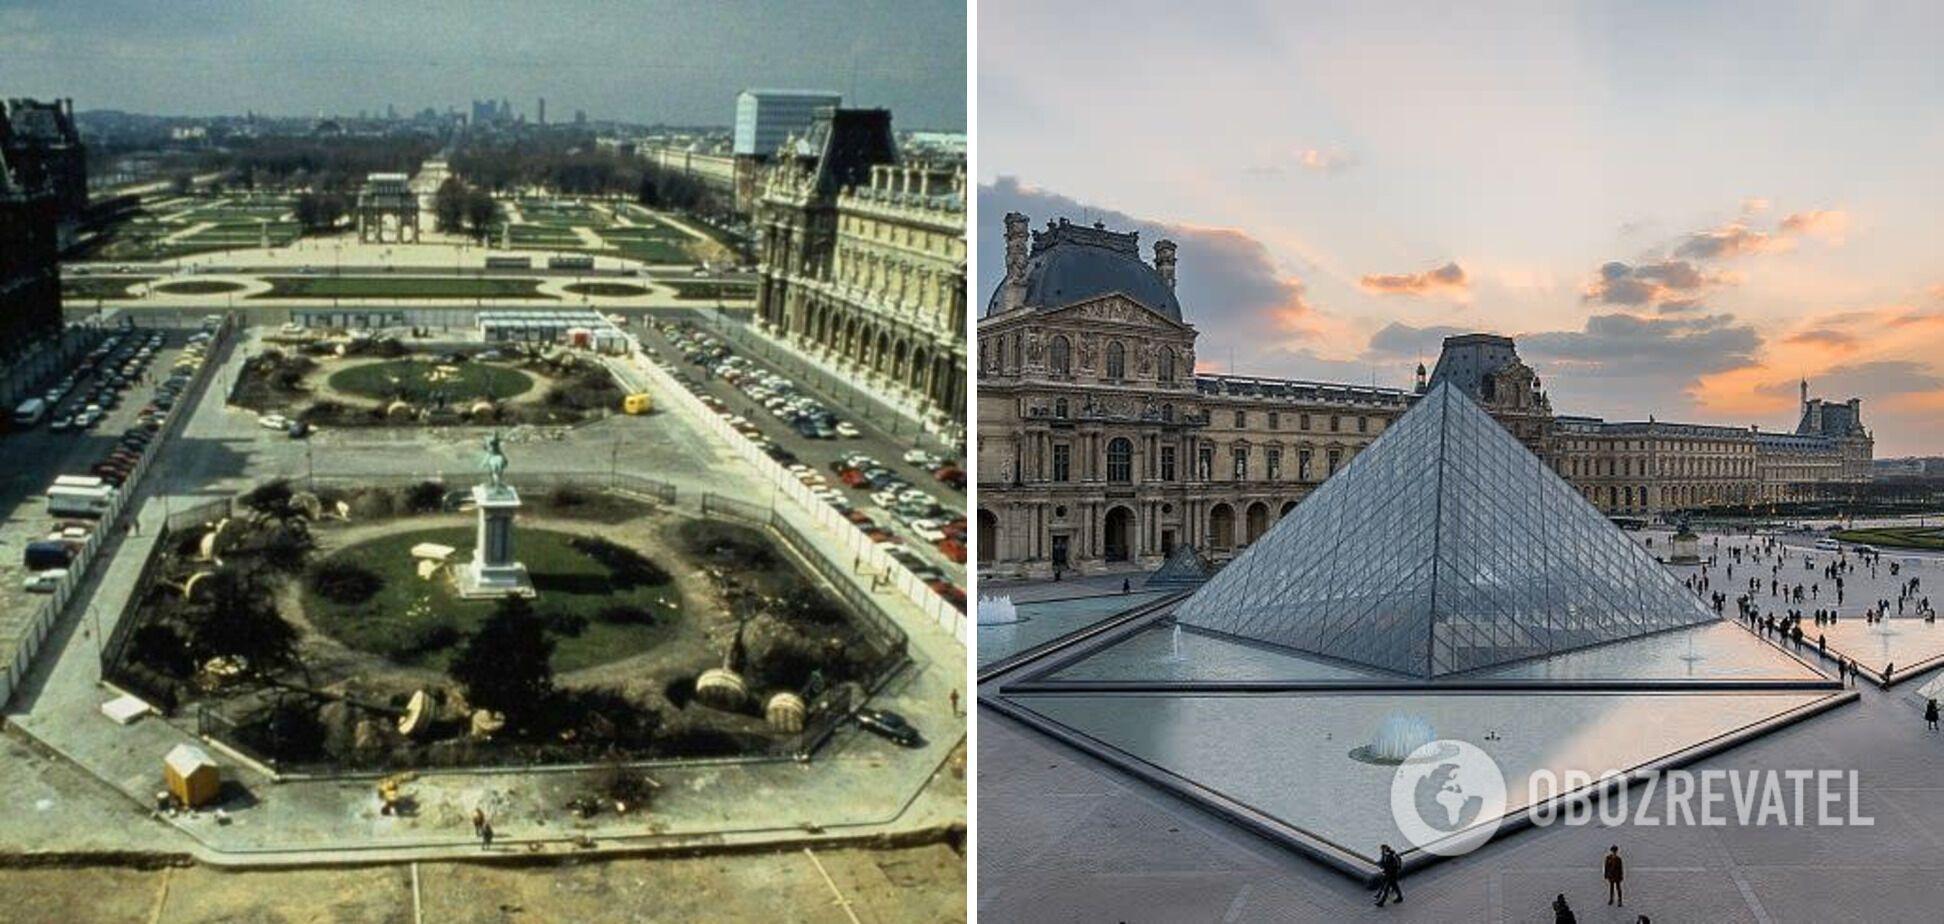 Музей Лувра в Париже до и после строительства пирамиды.